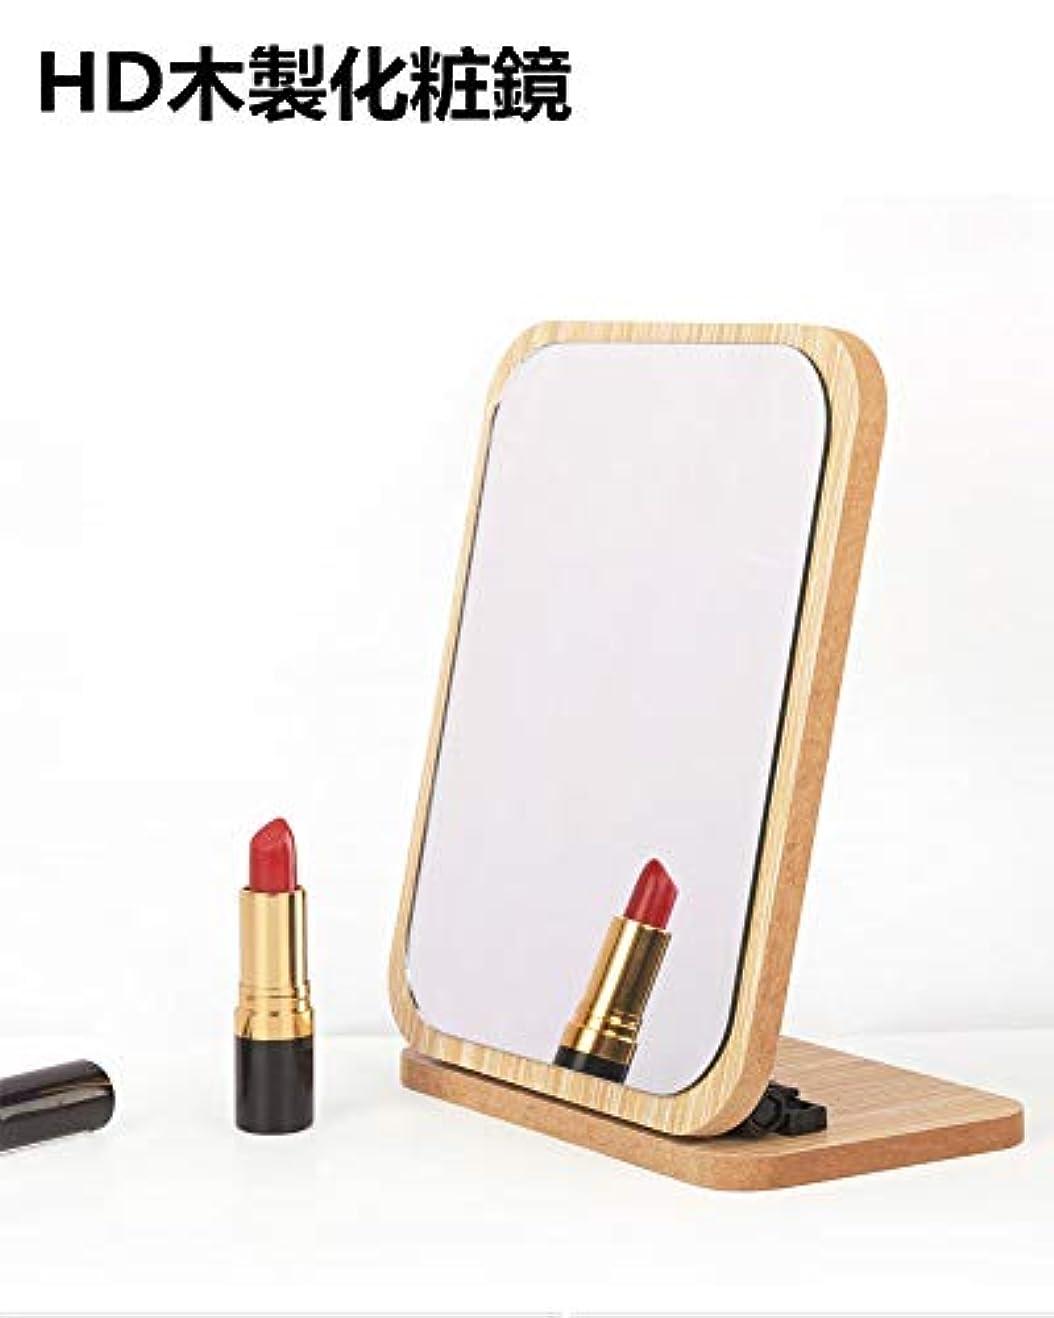 つぼみマンハッタン巨大鏡 卓上 化粧鏡 ウッドスタンドミラー 木目 HD木製化粧鏡 90度回転 角度調整 折りたたみ式